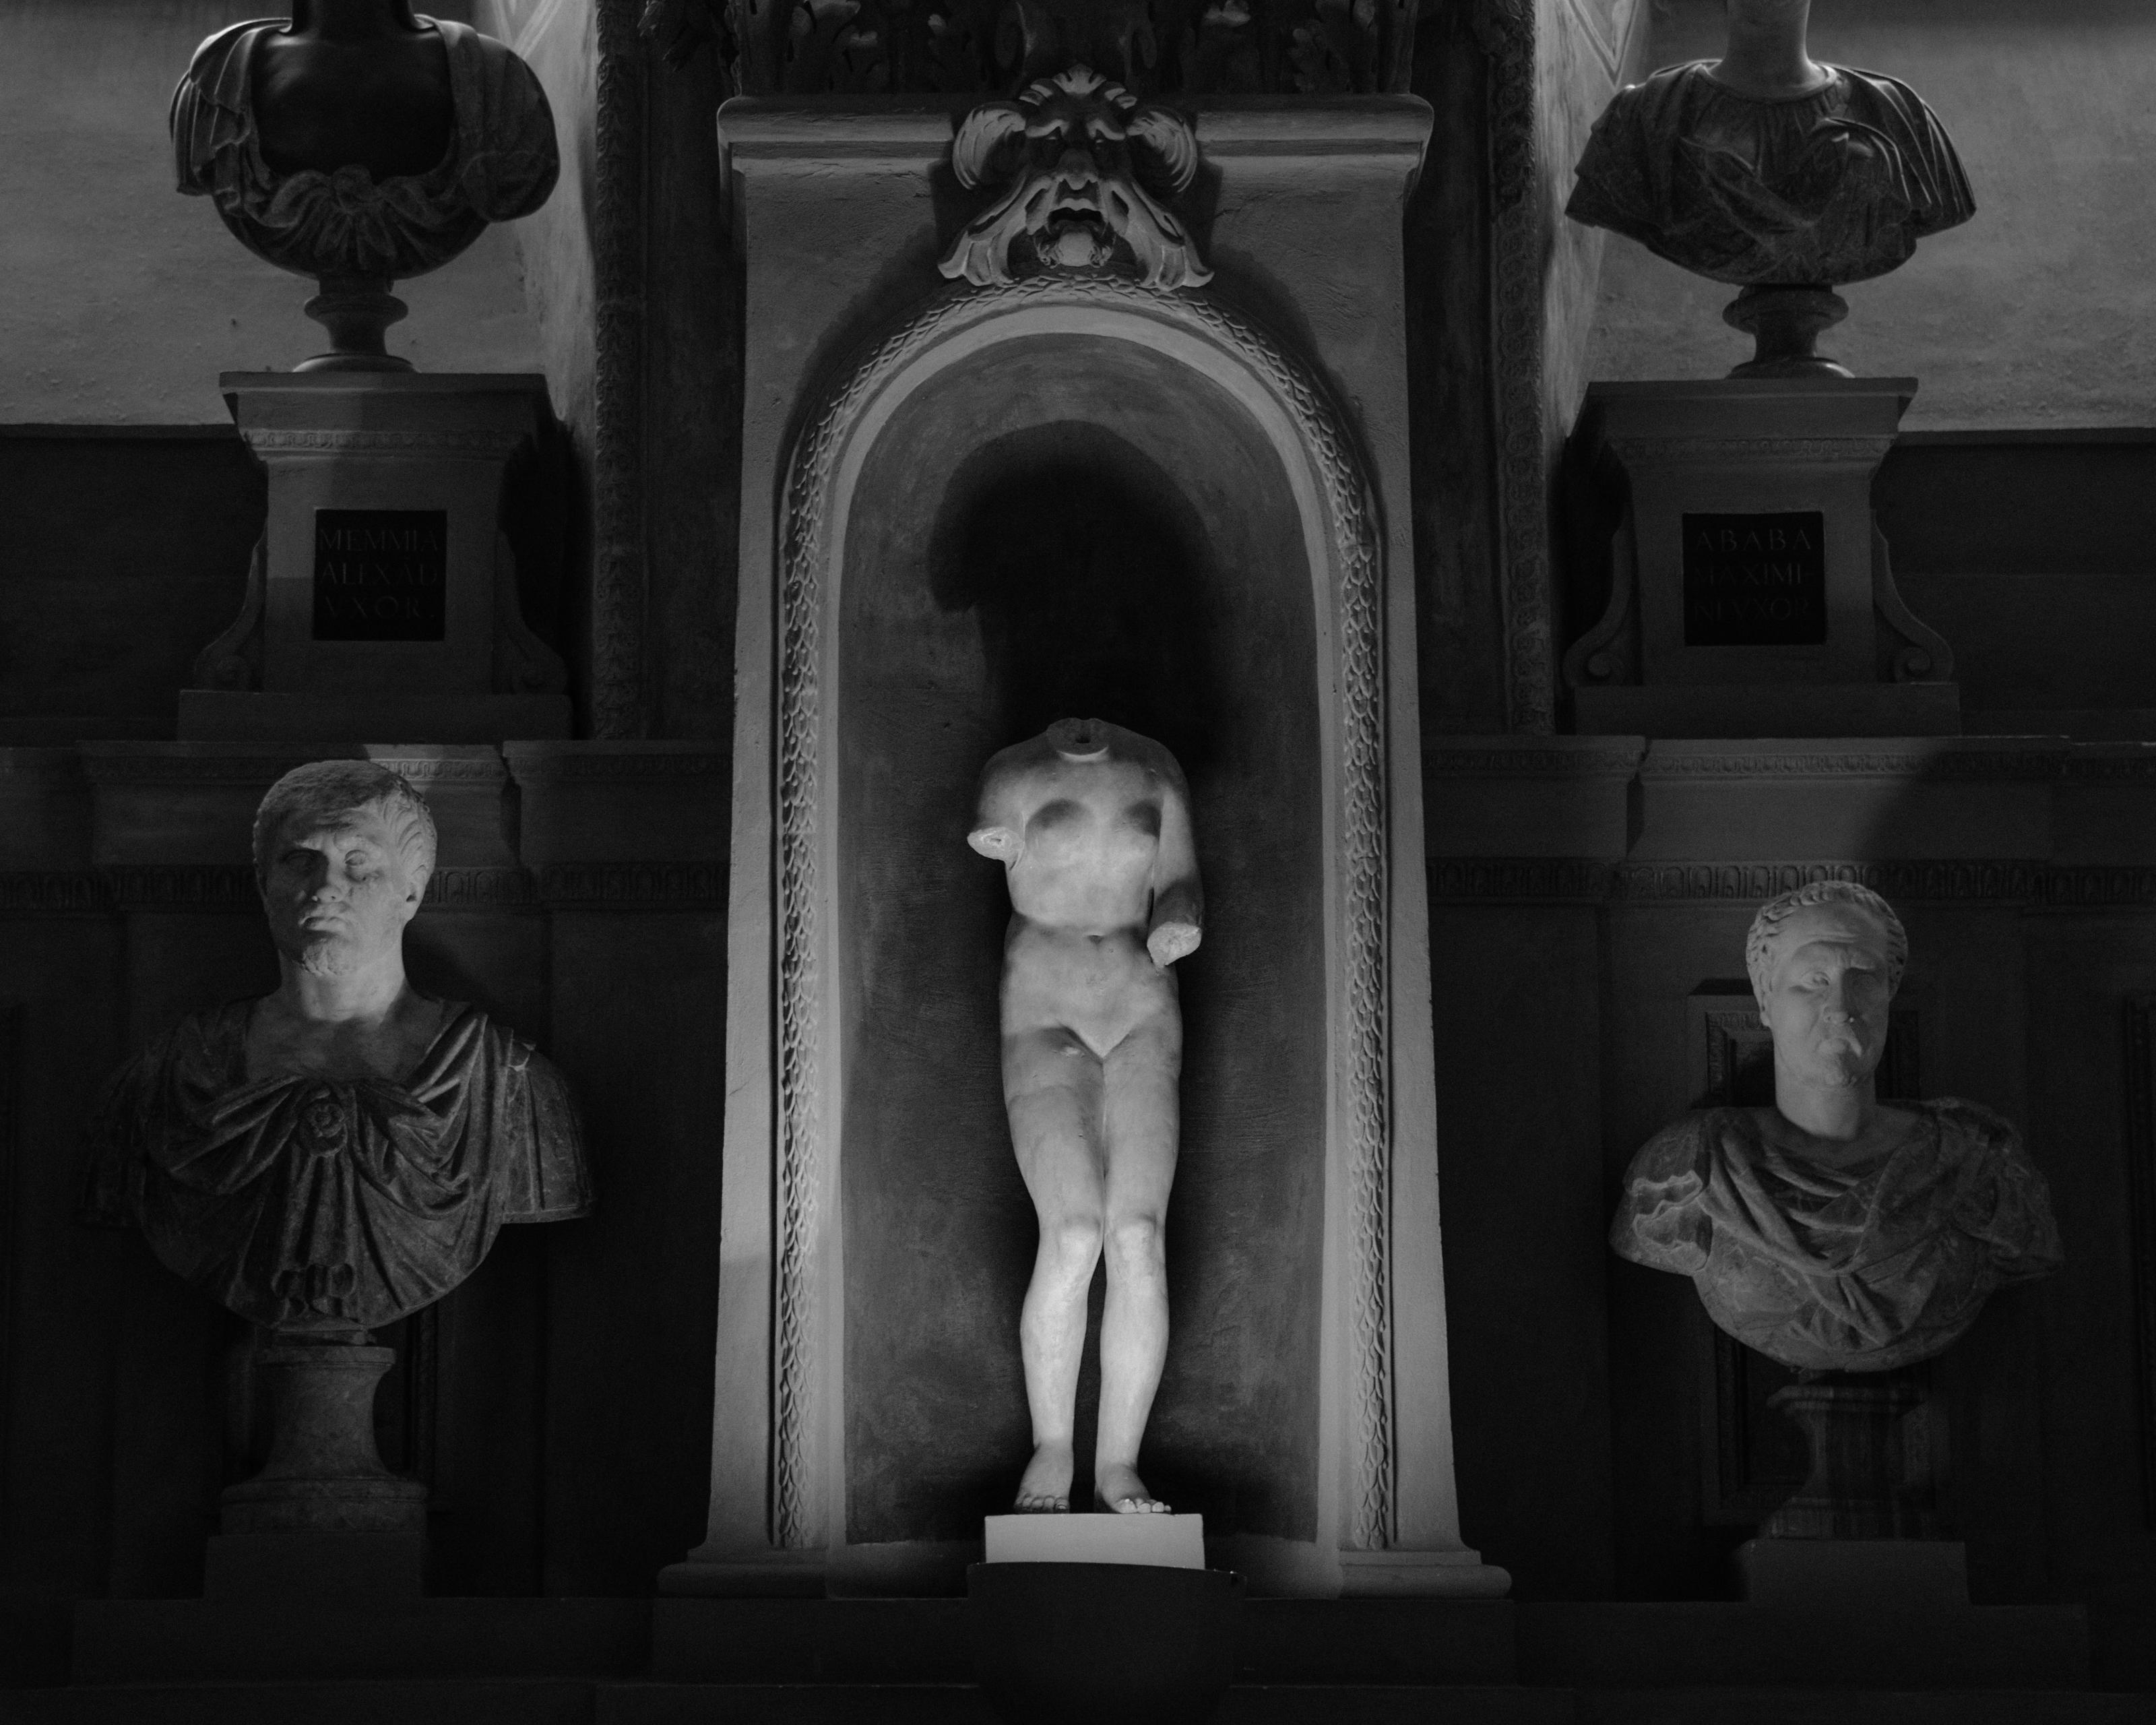 Amrita Stuetzle - 201 - Headless Sculptu